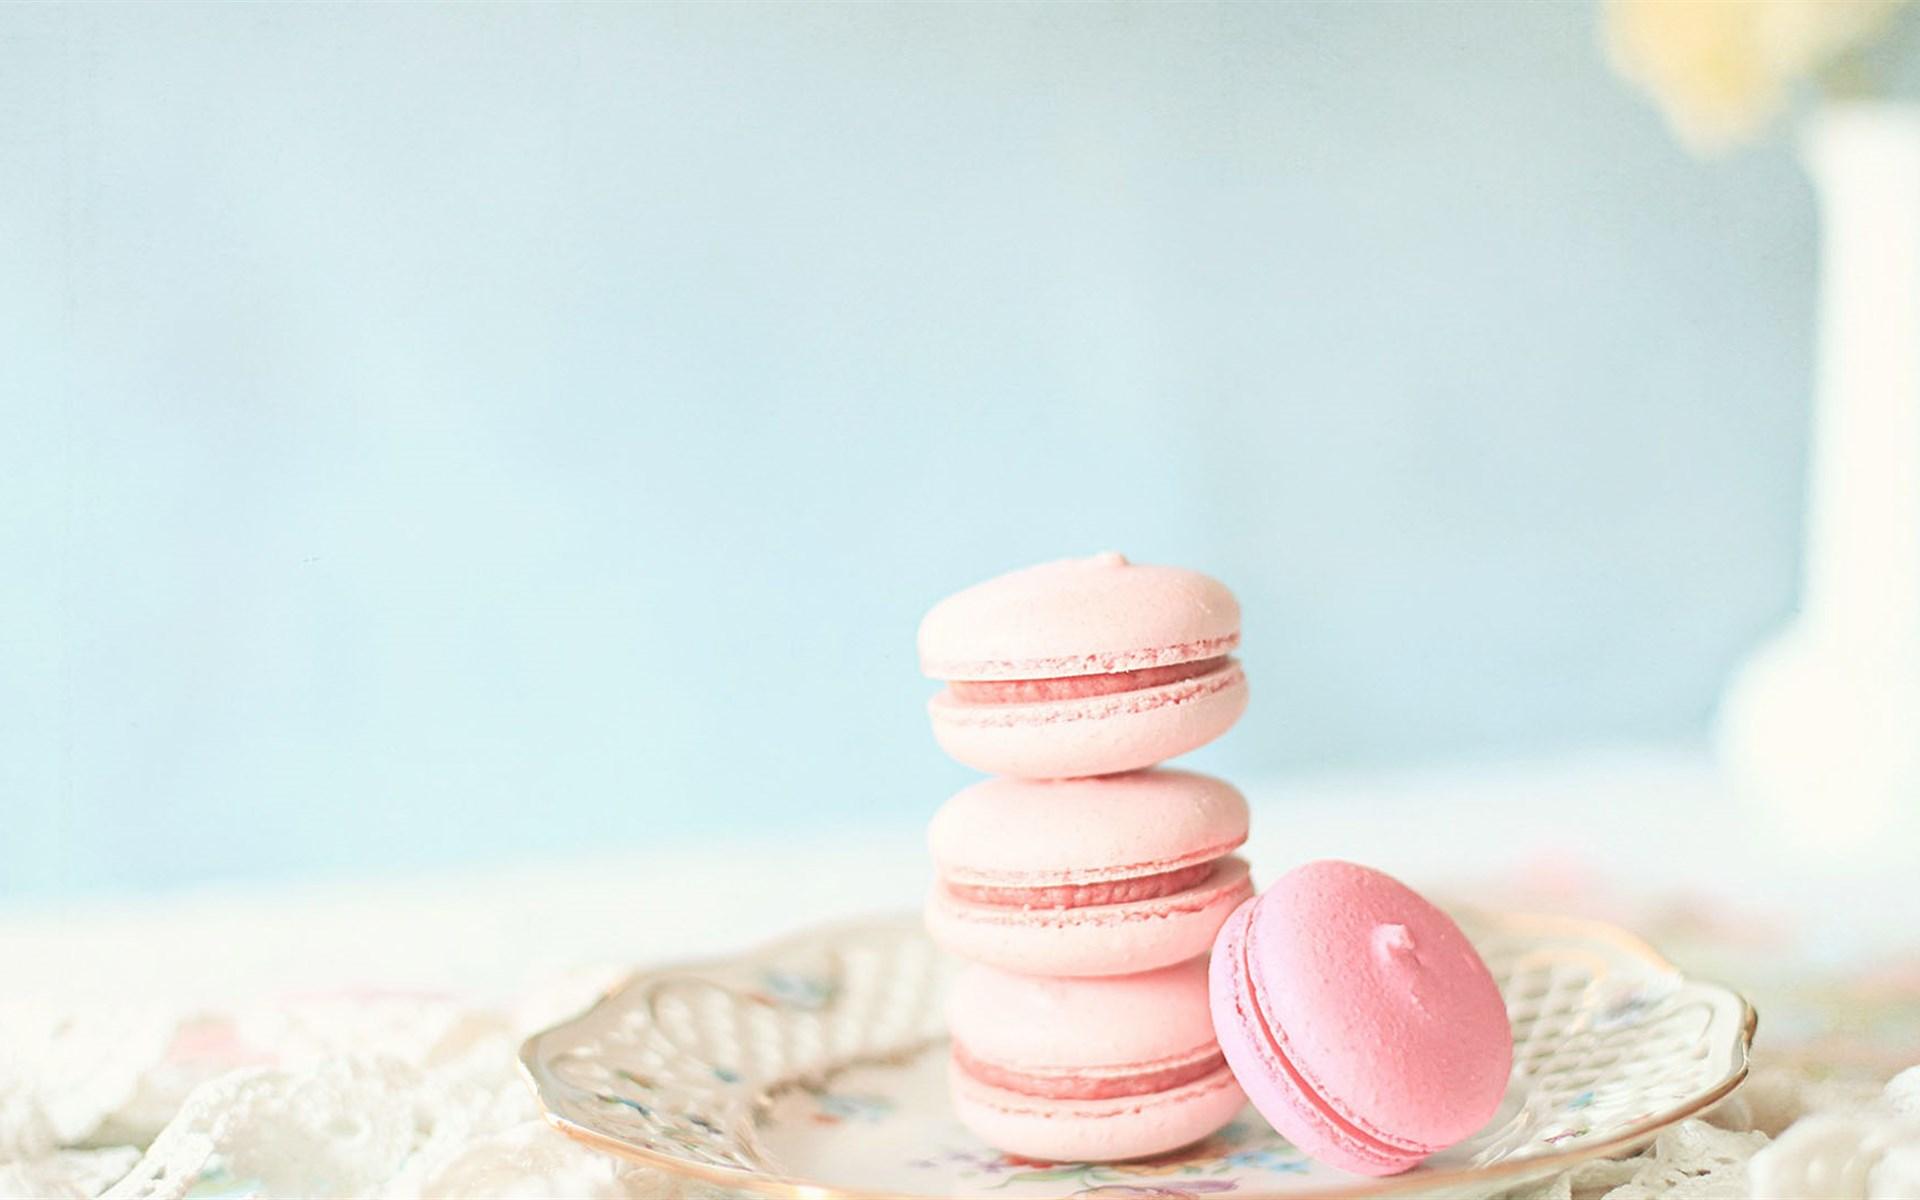 治愈系唯美甜品美食高清壁纸